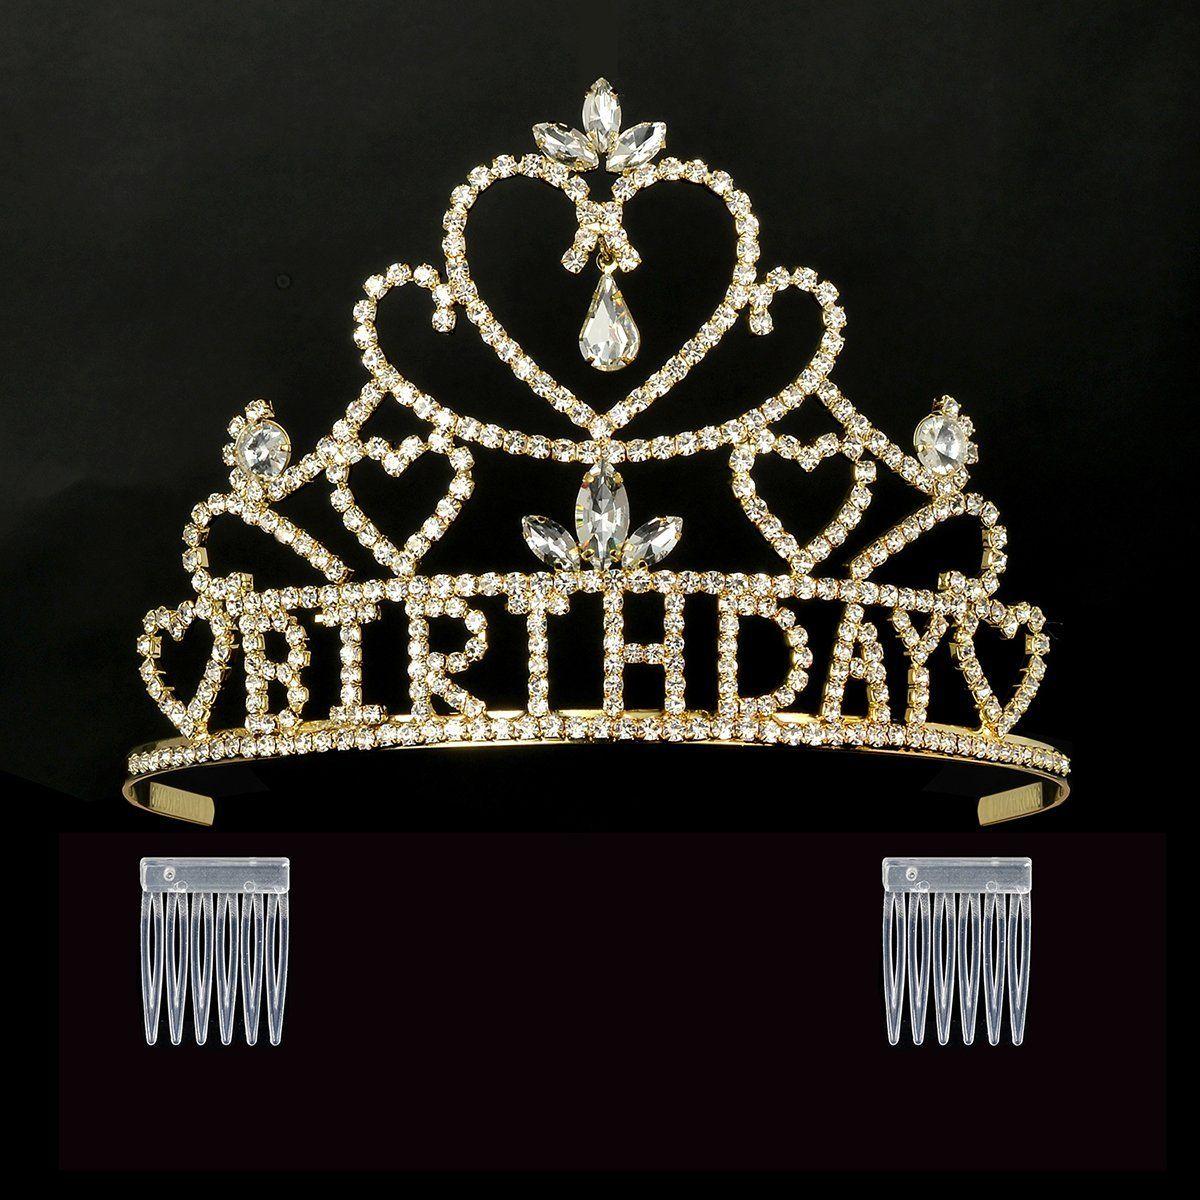 Dczerong queens birthday tiara crown gold